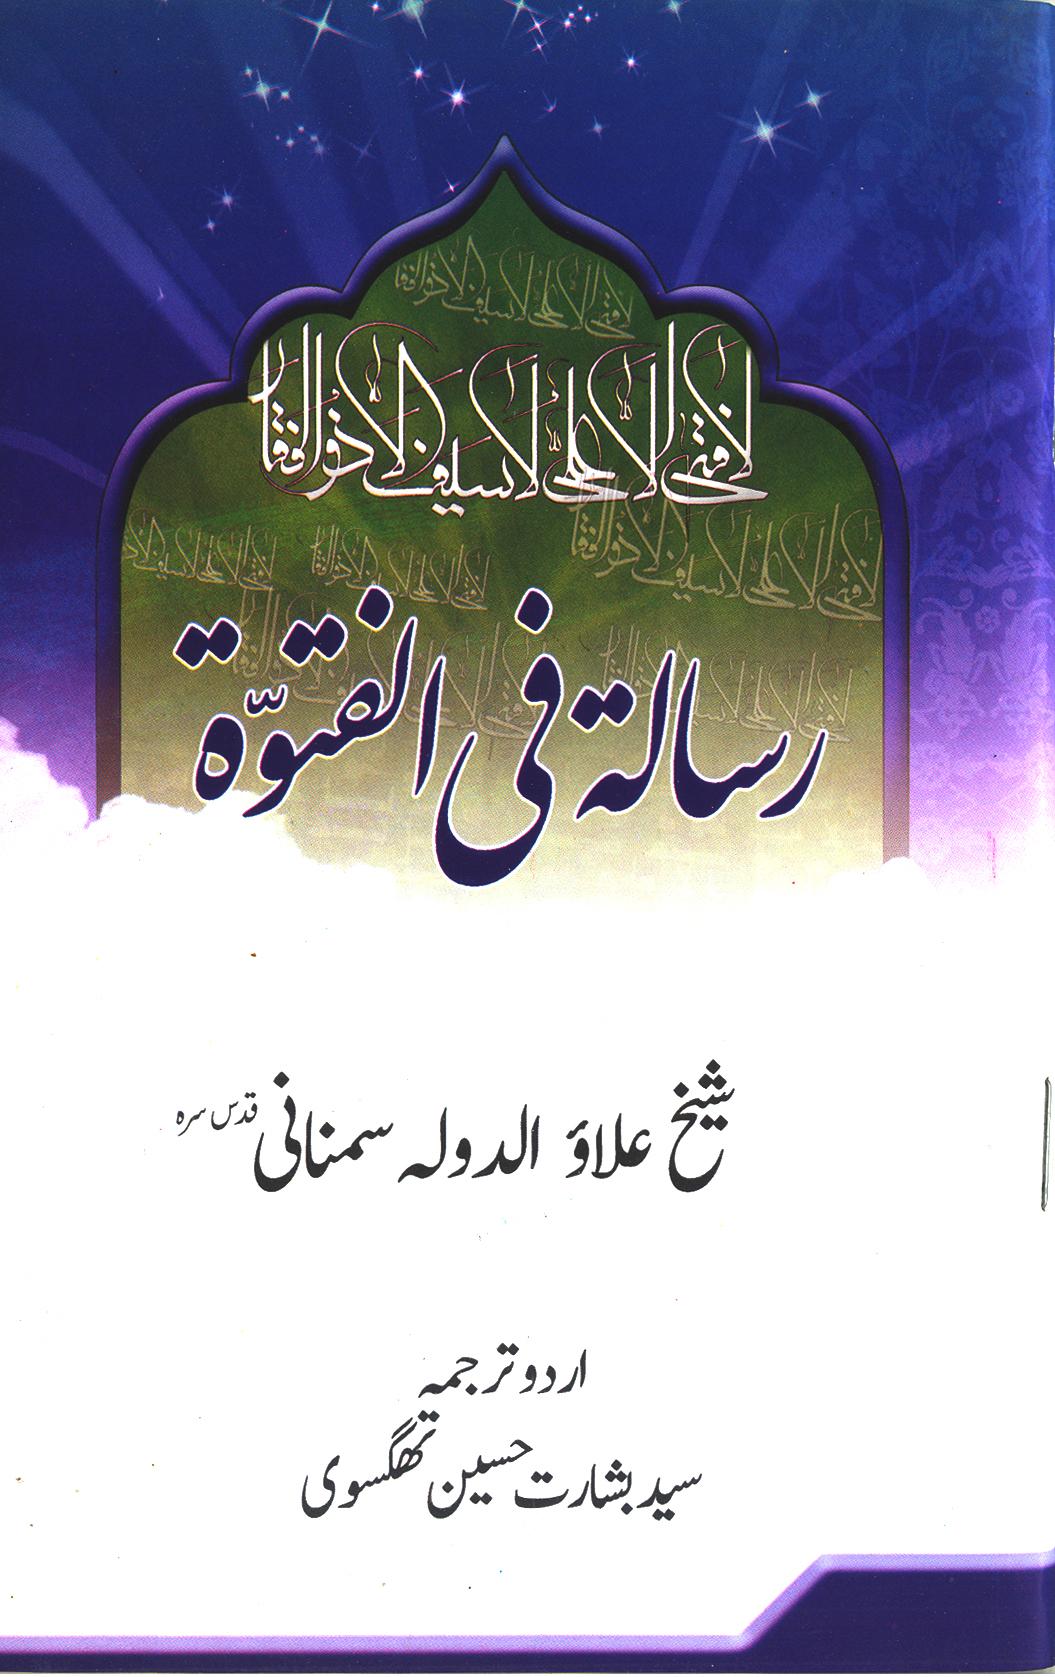 (risalatul fil fatwa) رسالتہ فی الفتوّۃ